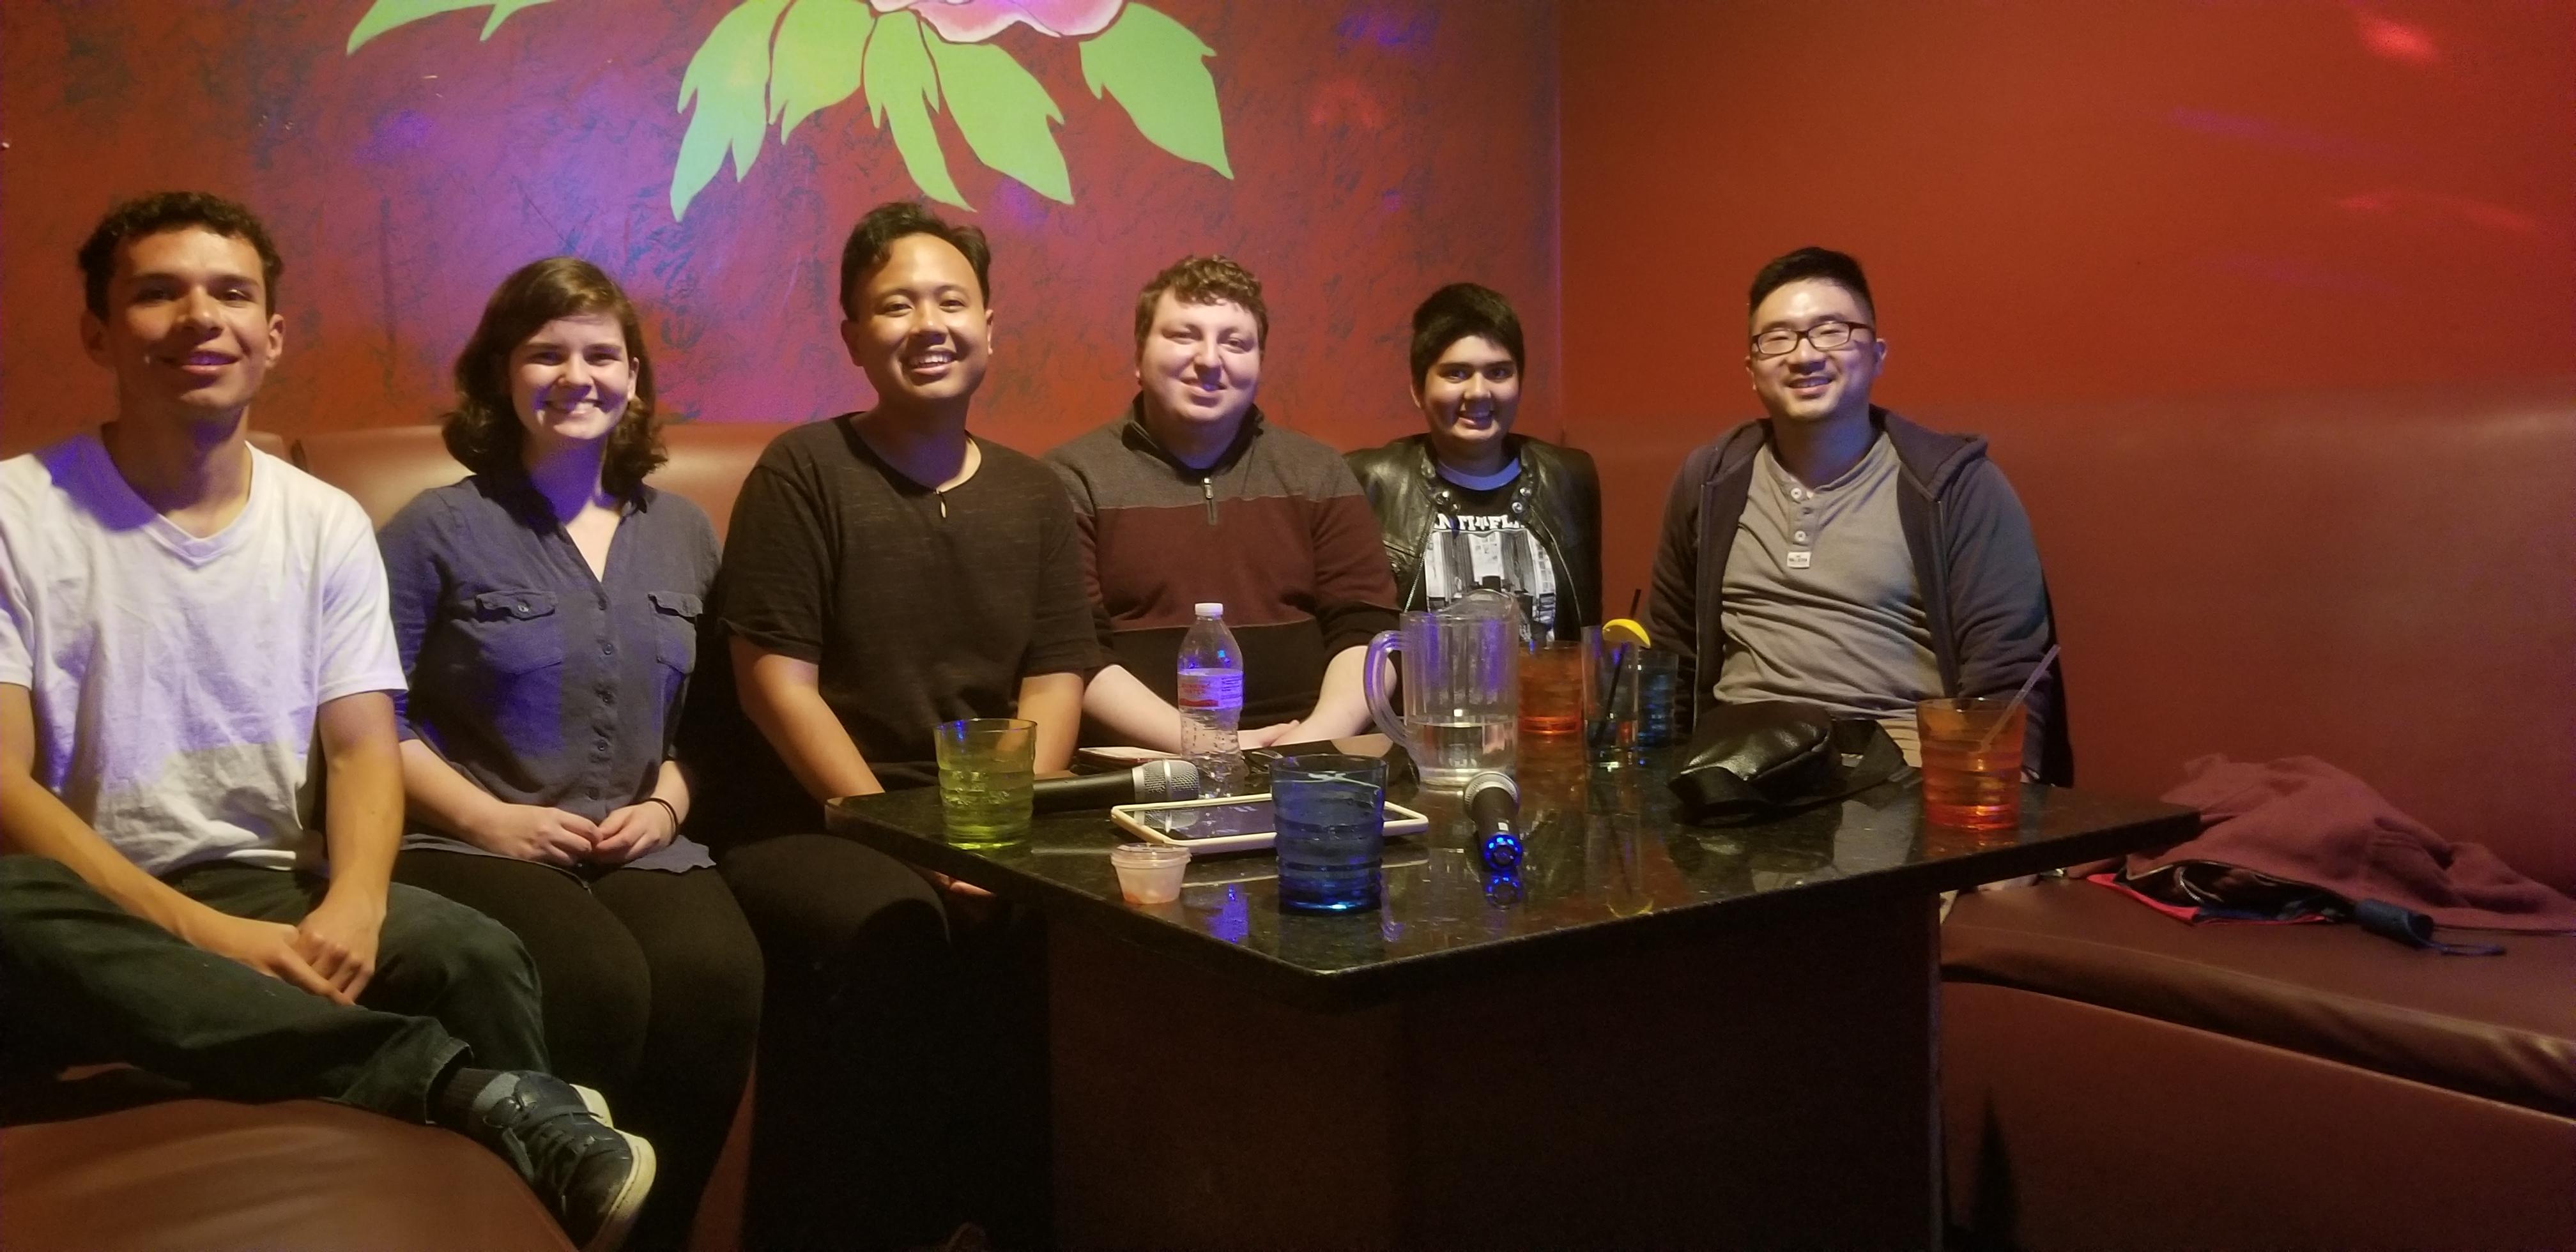 Karaoke Night at Karaoke Bar